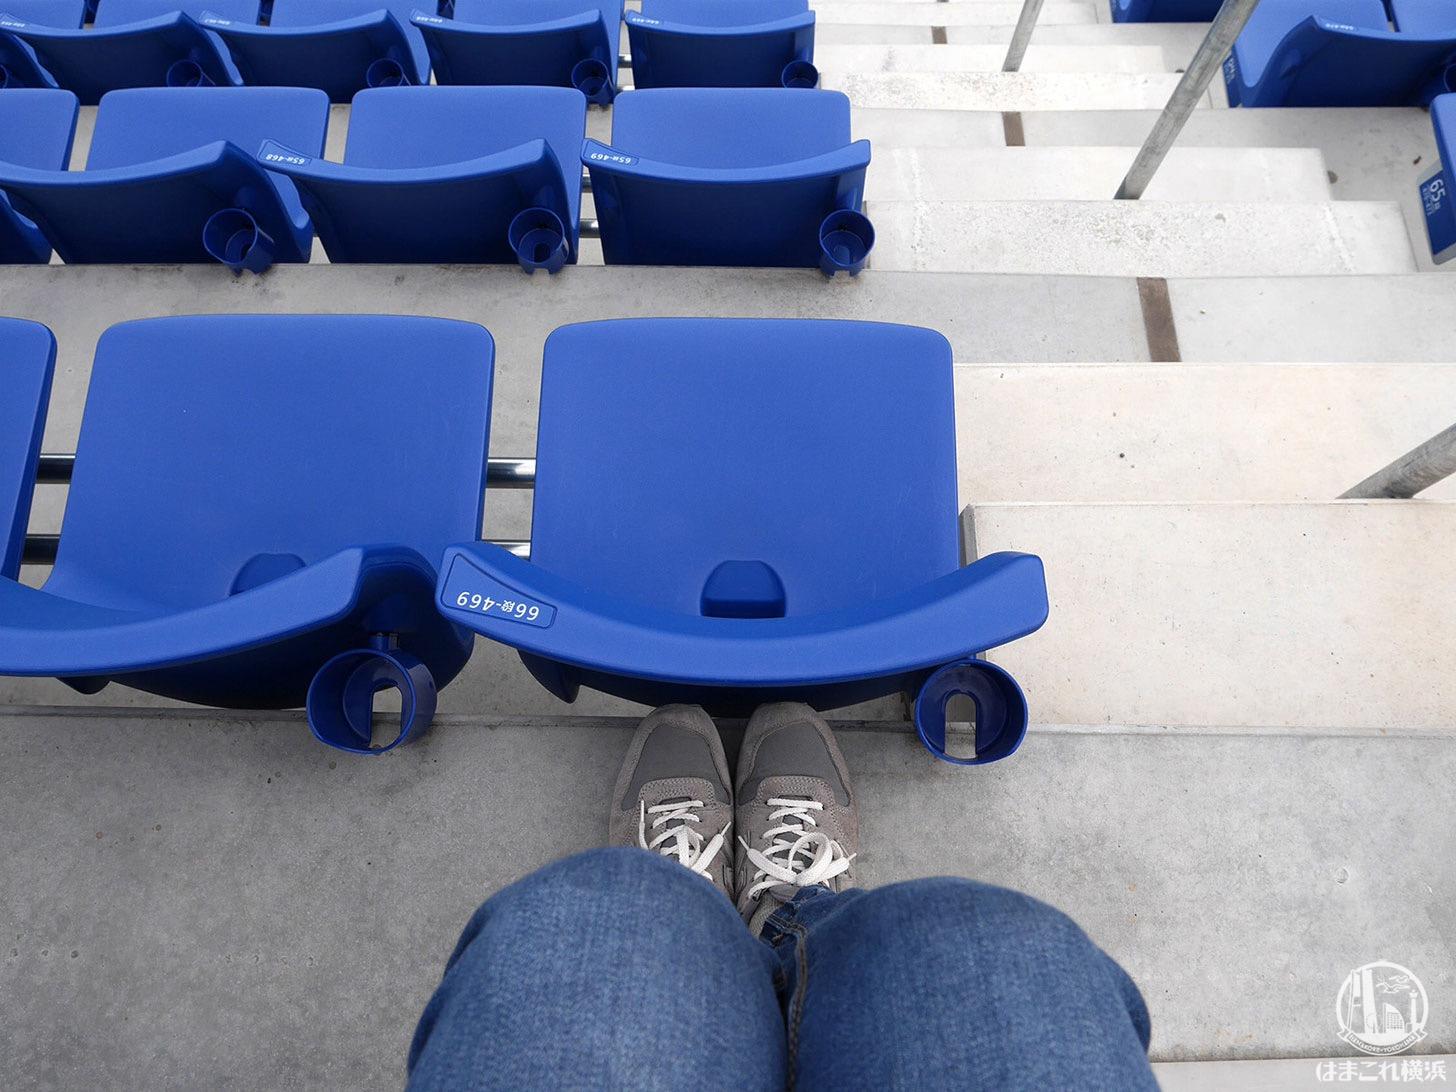 ウィング席の座席間隔